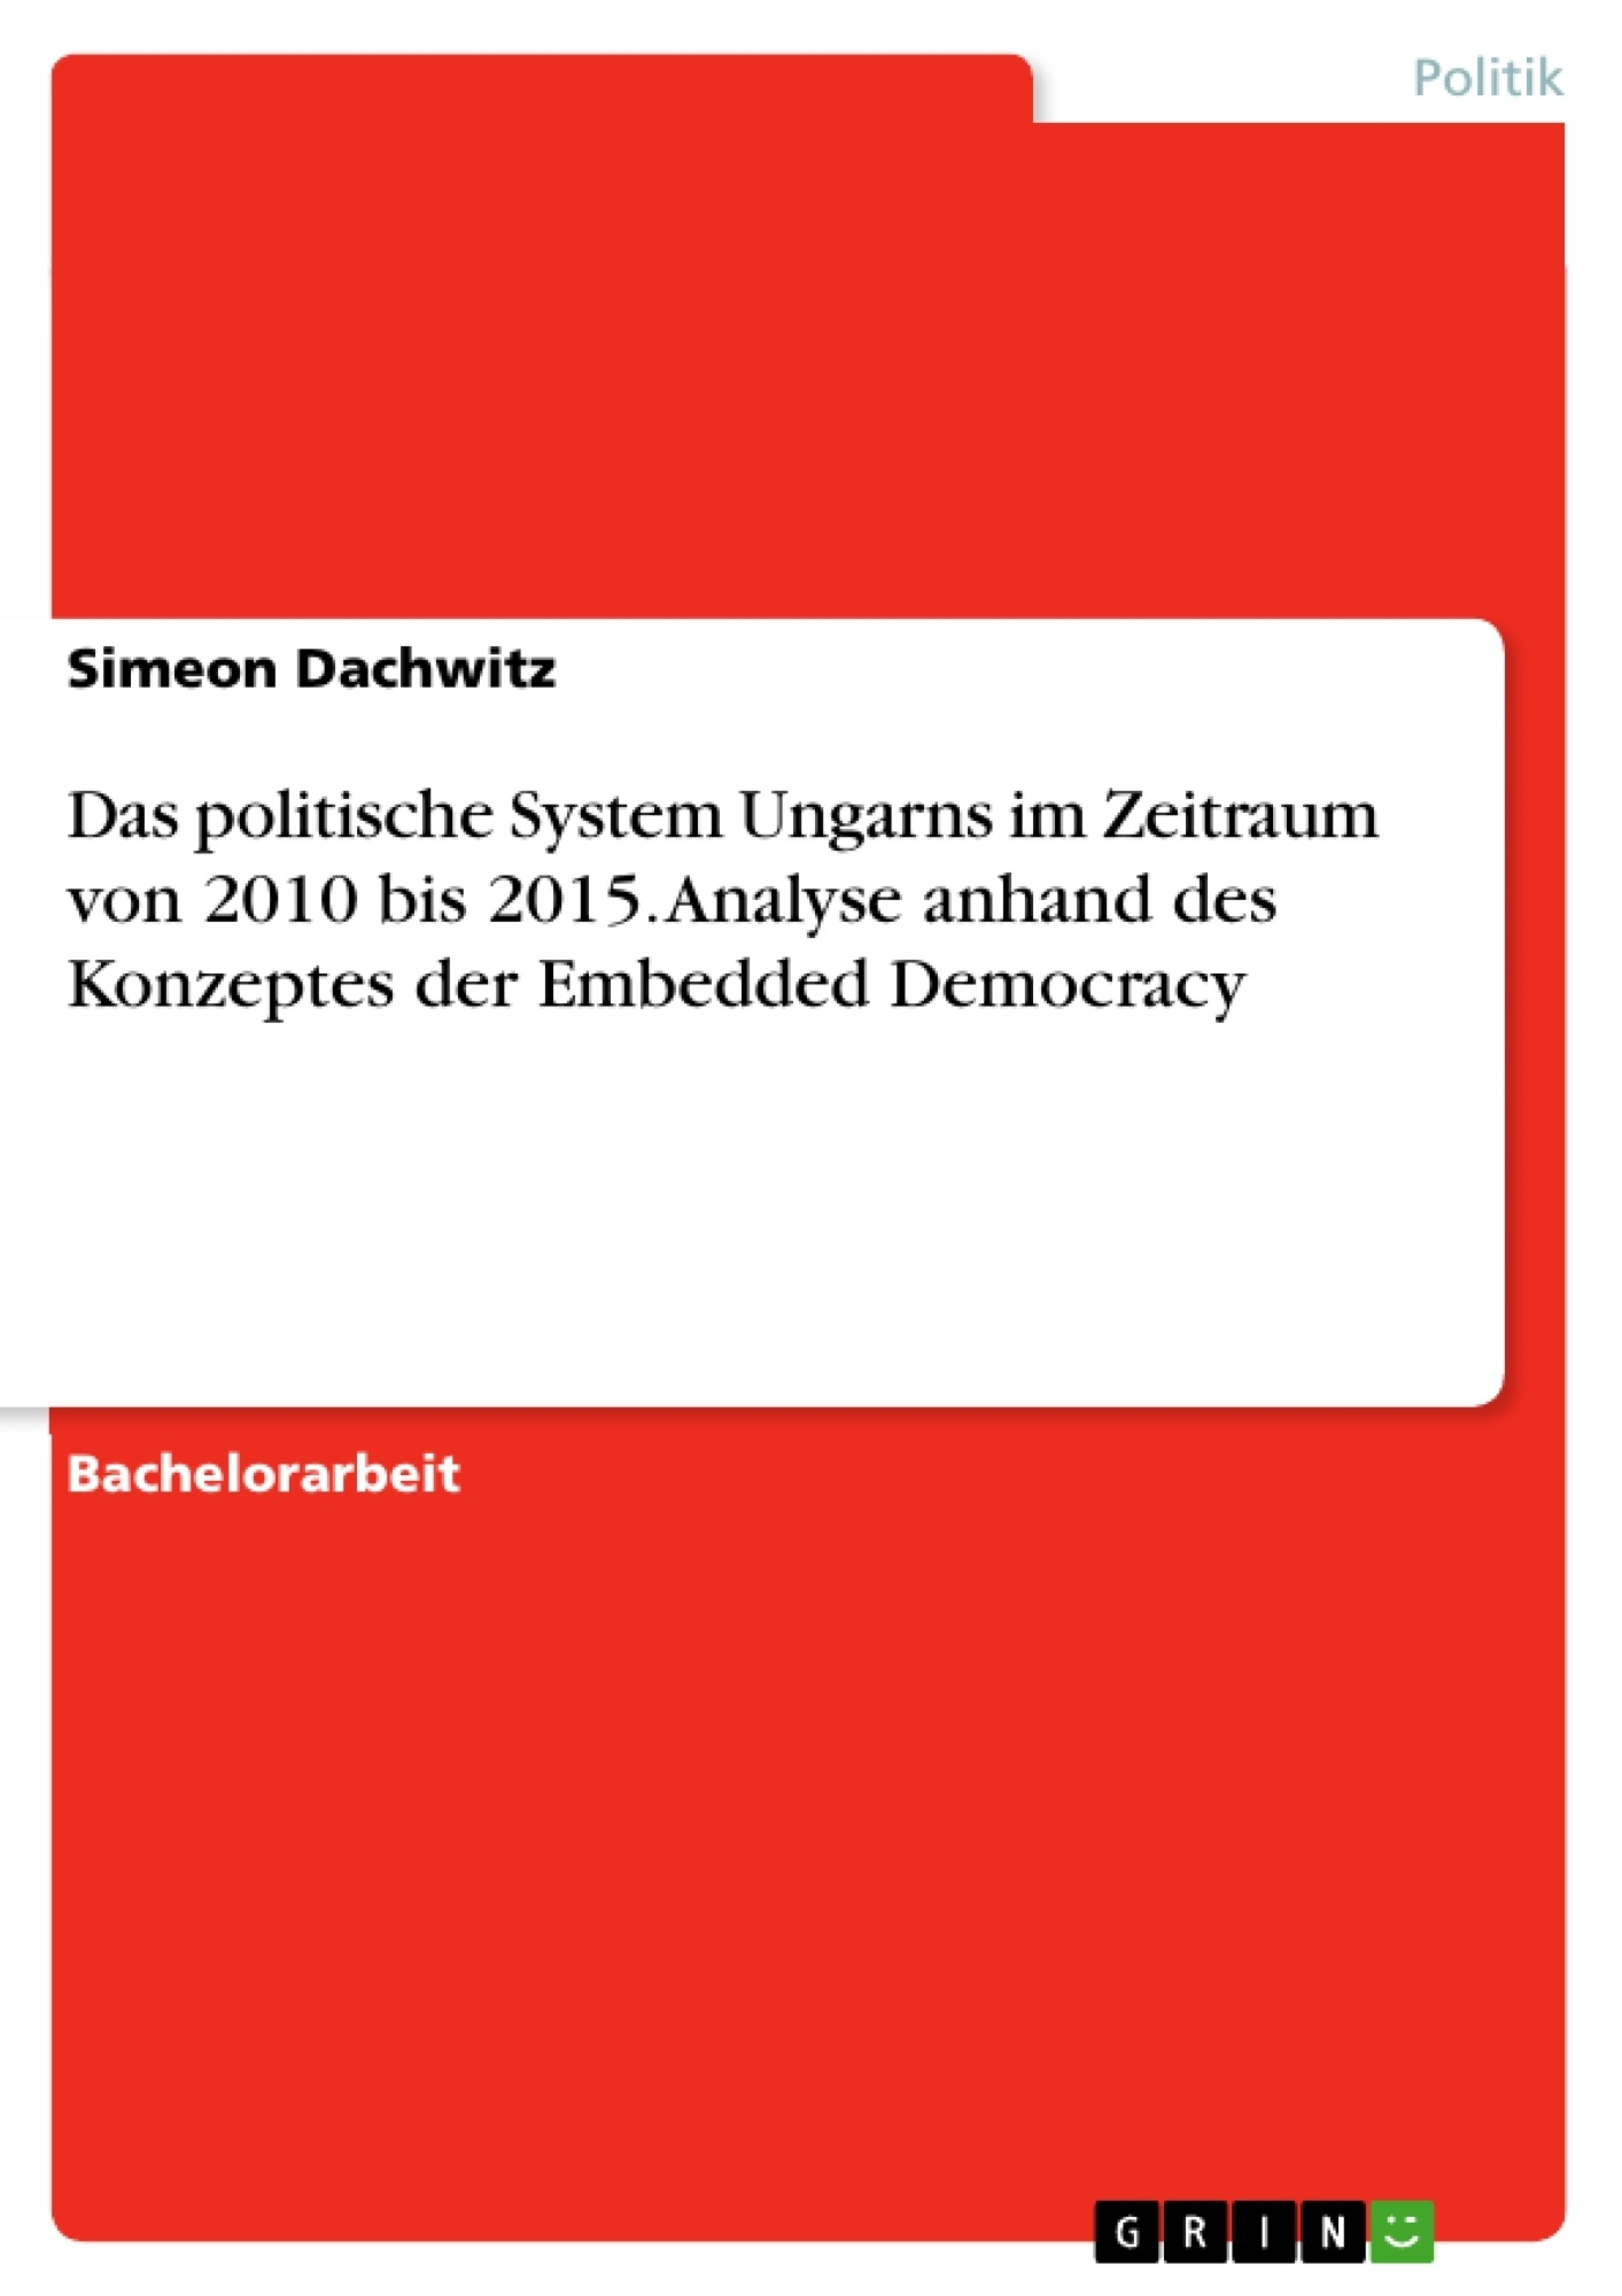 Titel: Das politische System Ungarns im Zeitraum von 2010 bis 2015. Analyse anhand des Konzeptes der Embedded Democracy